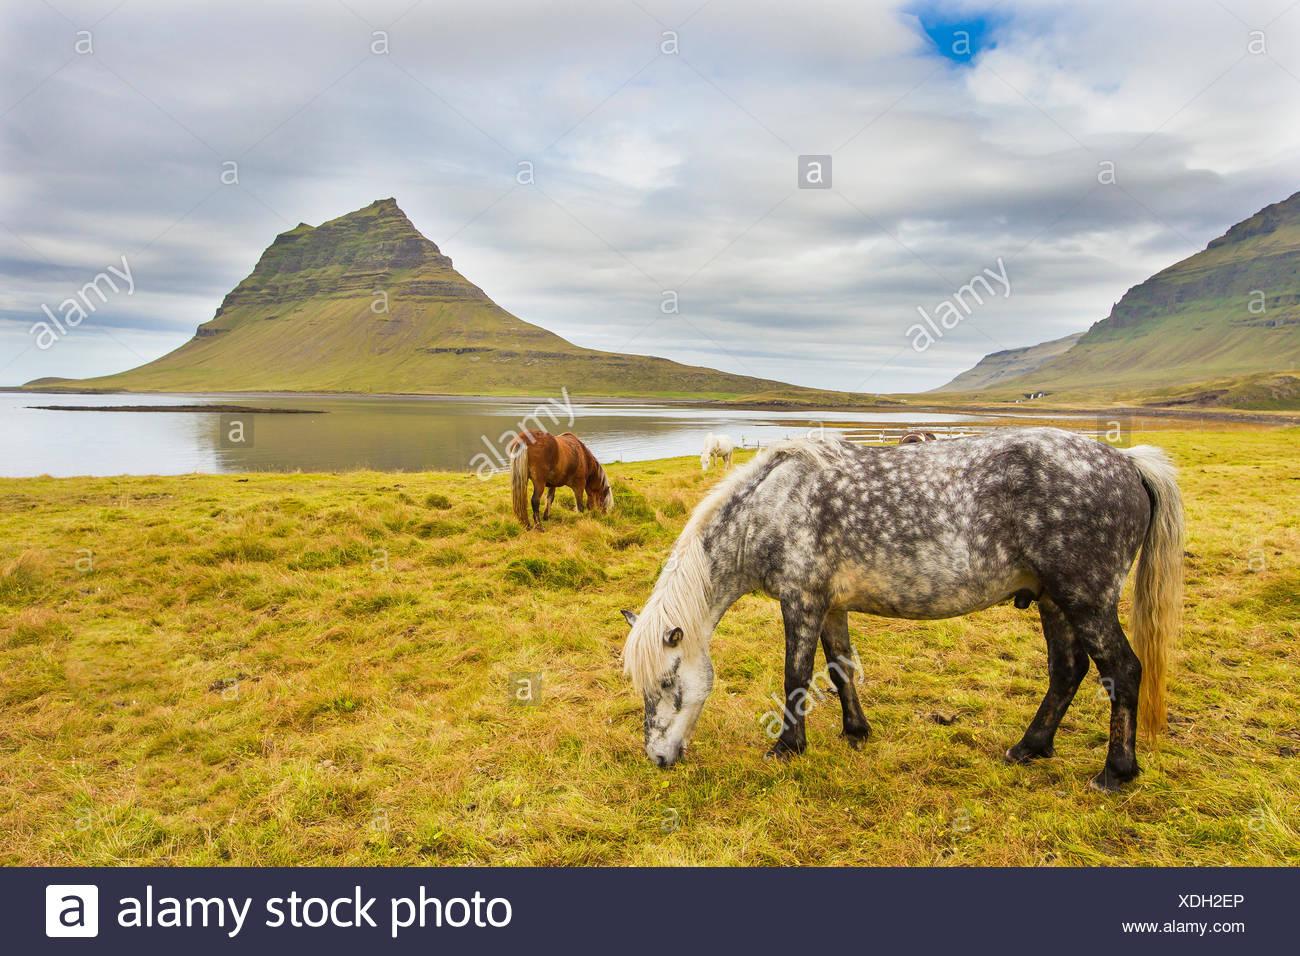 Caballos que pastan en un prado cerca de la montaña Kirkjufell, sobre la costa de Islandia. Imagen De Stock